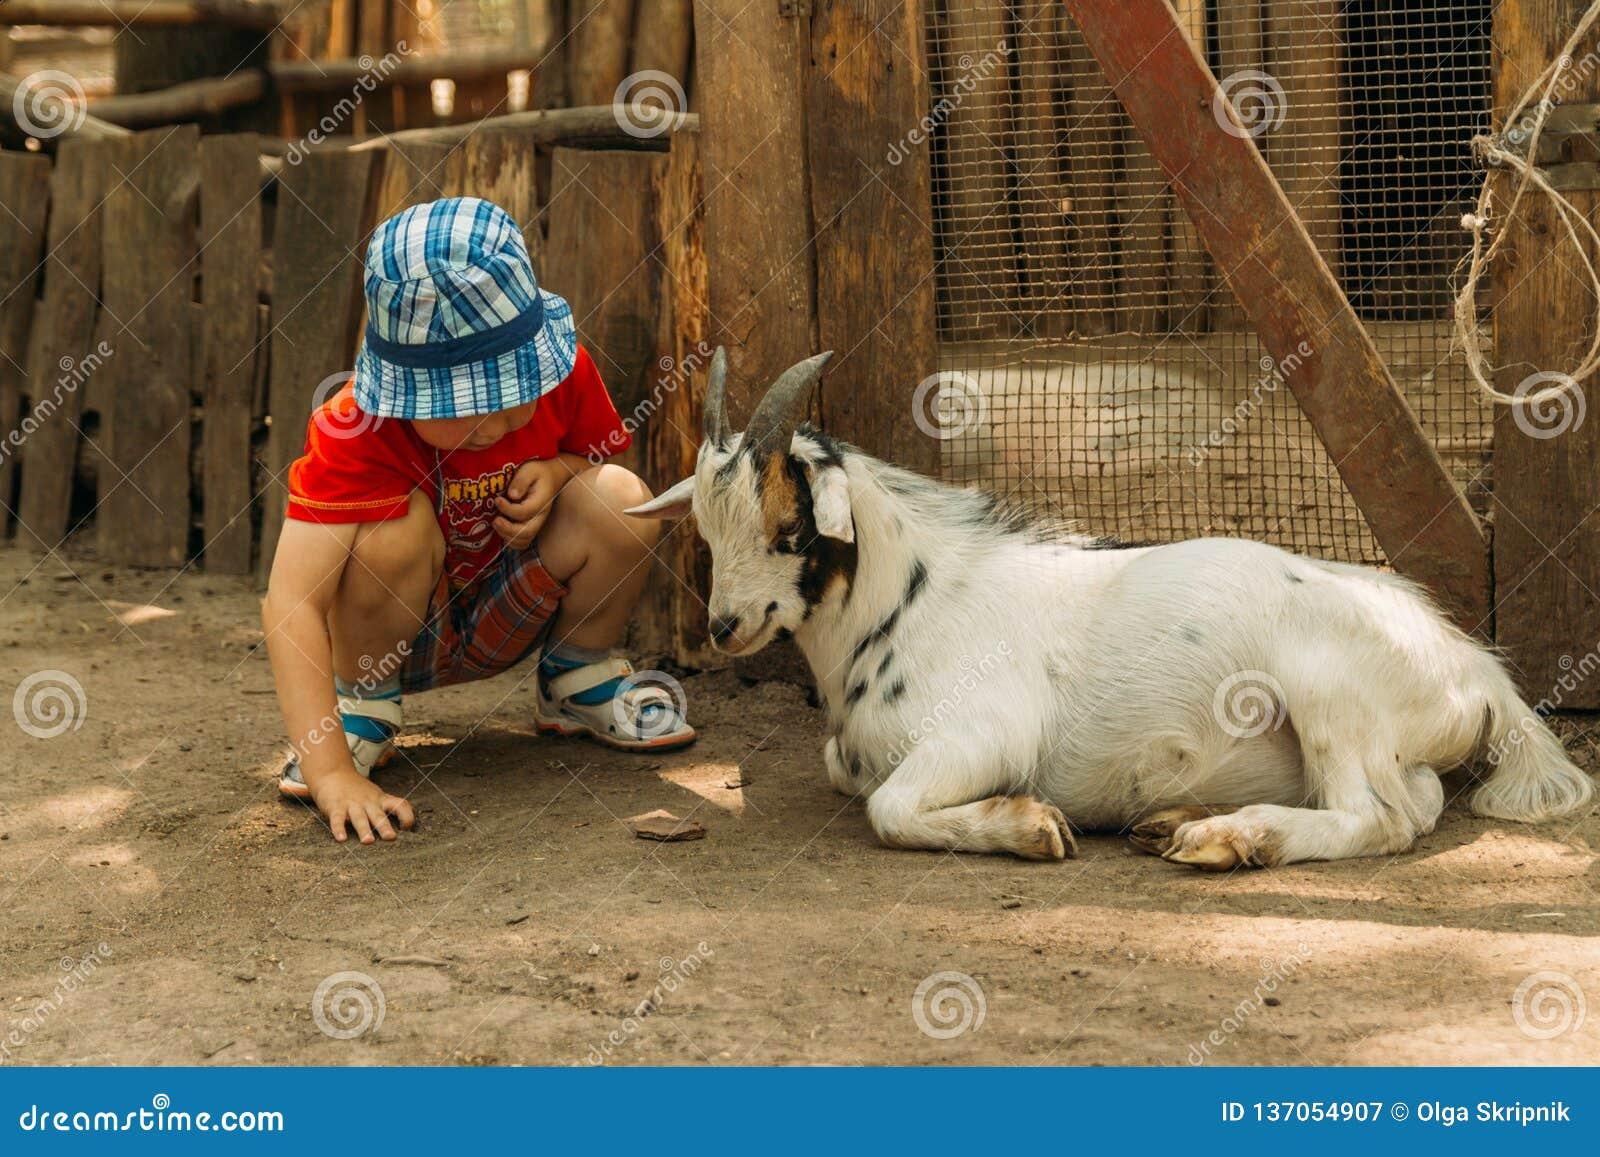 Συνεδρίαση αγοριών κοντά σε μια άσπρη αίγα, φιλία μεταξύ ενός παιδιού και ένα ζώο στο ζωολογικό κήπο σχετικά με το ζωολογικό κήπο